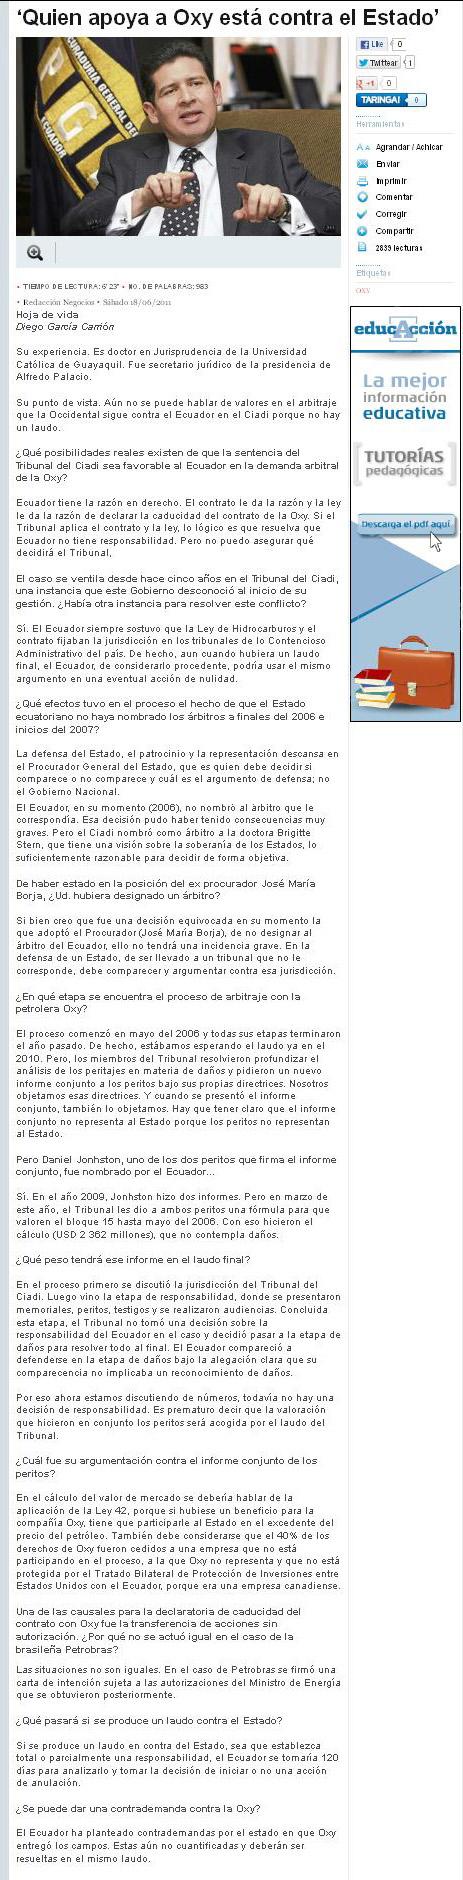 2-2011-06-18_El_Comercio_Entrevista_Procurador